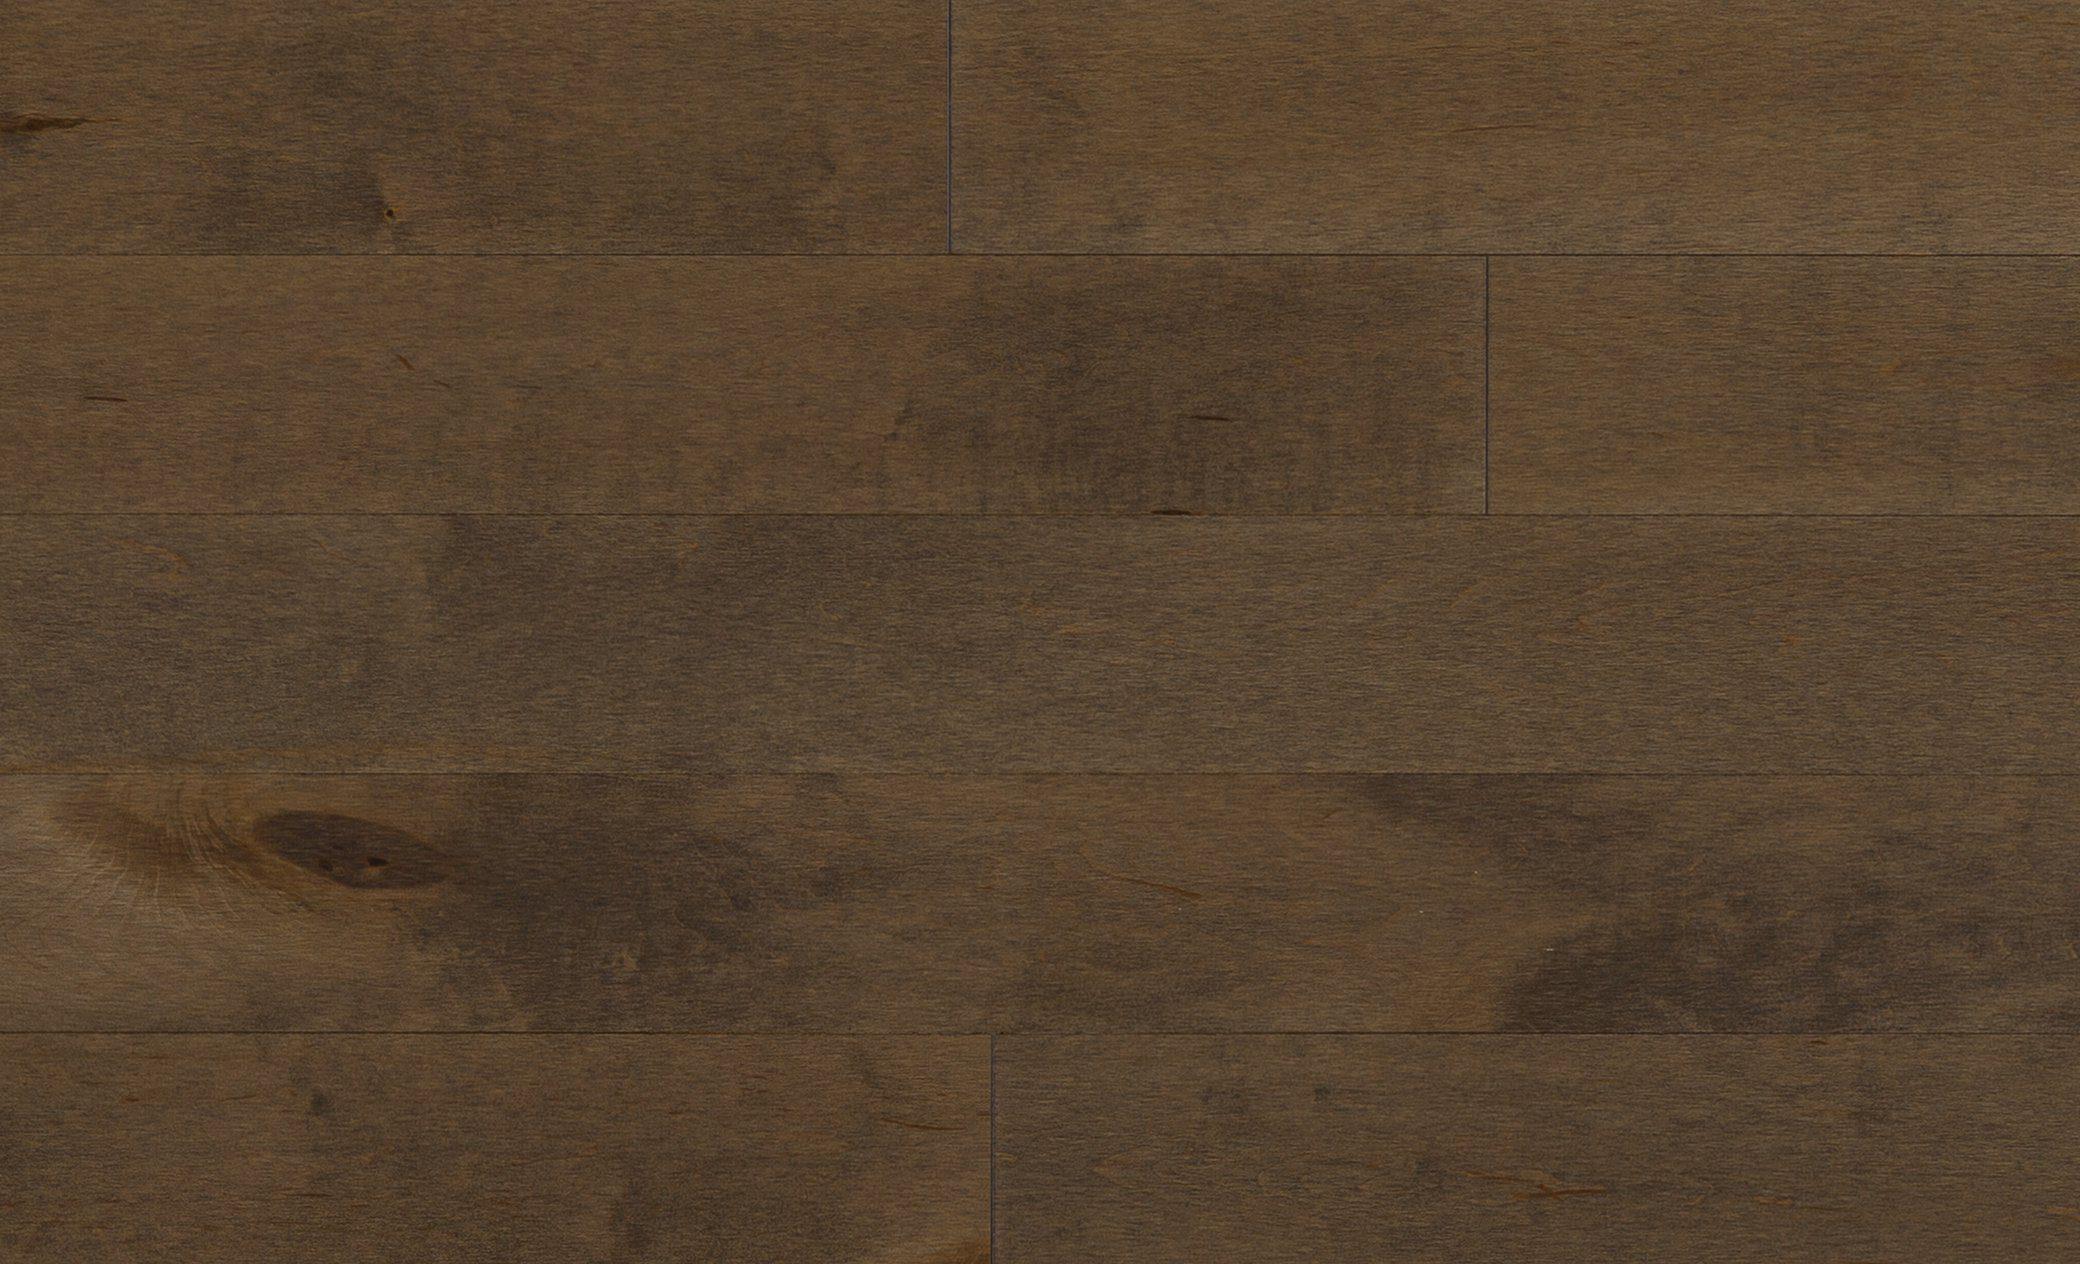 Mercier Design+ Hard Maple Smoky Brown Solid: 2 1/4